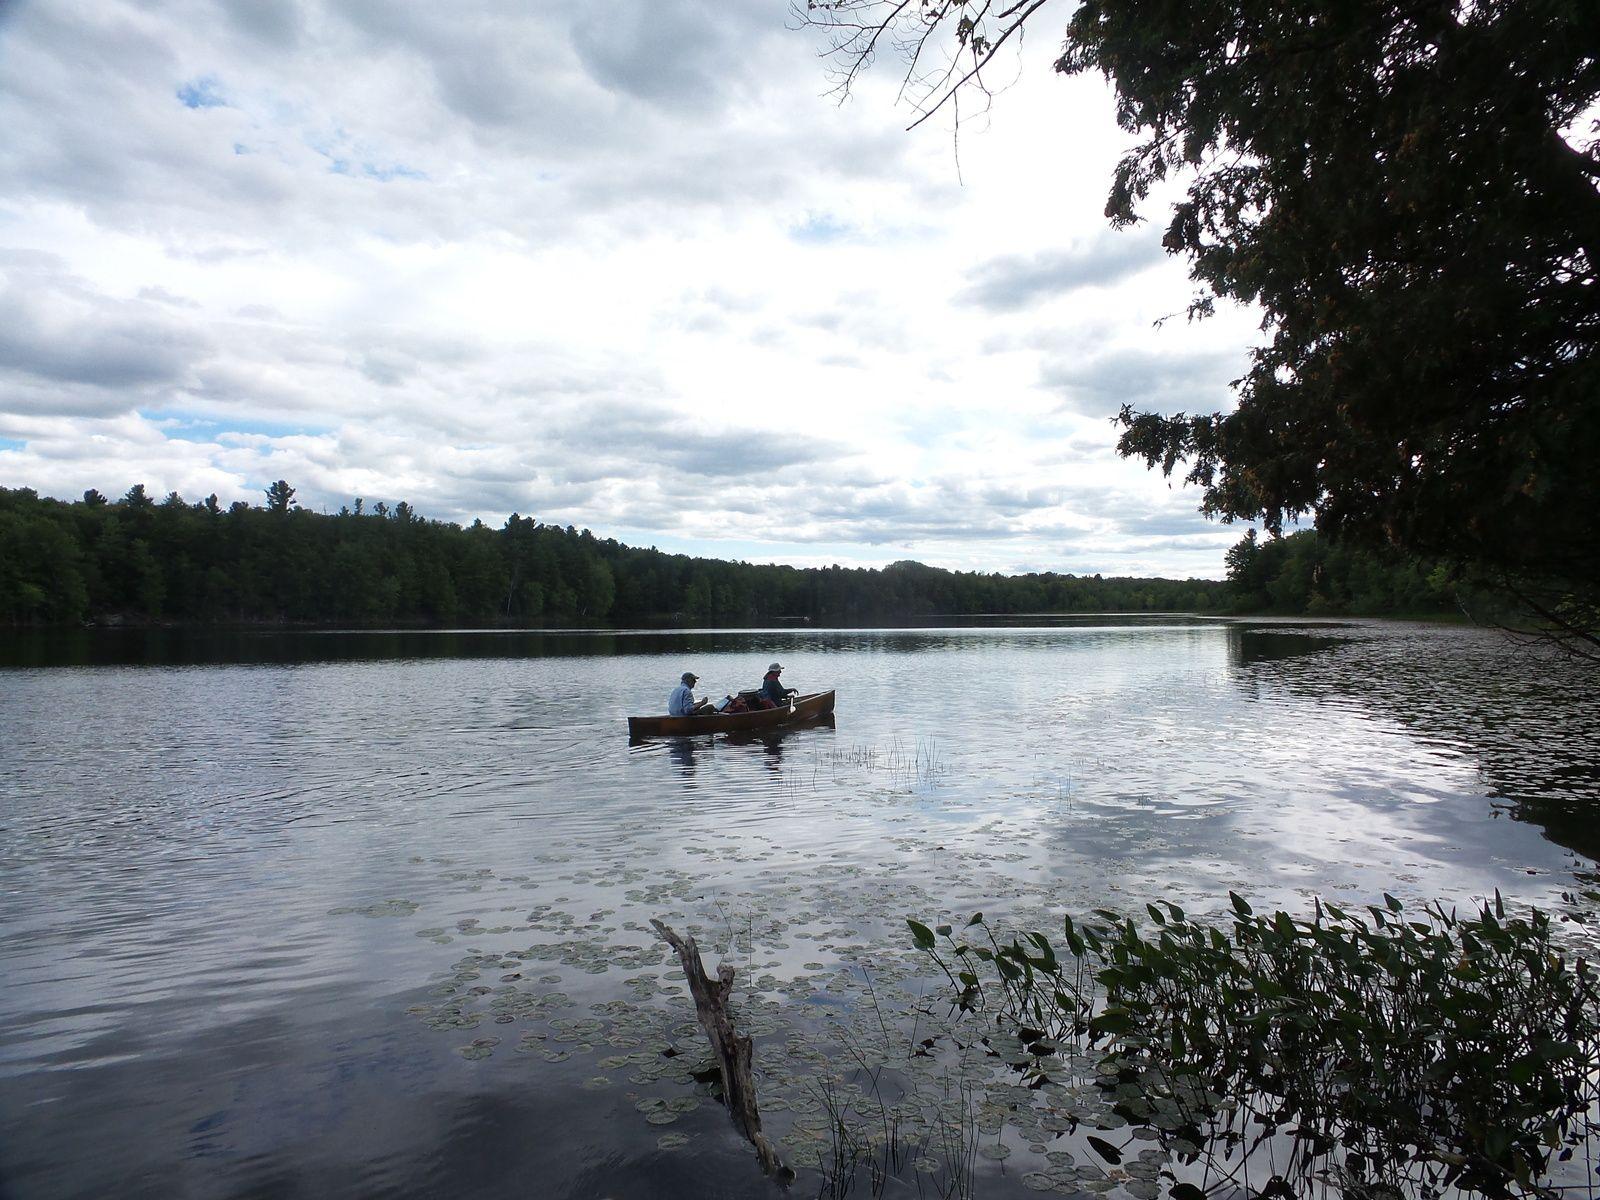 GROUPE B: 5 km de pagayage pour rejoindre le campement